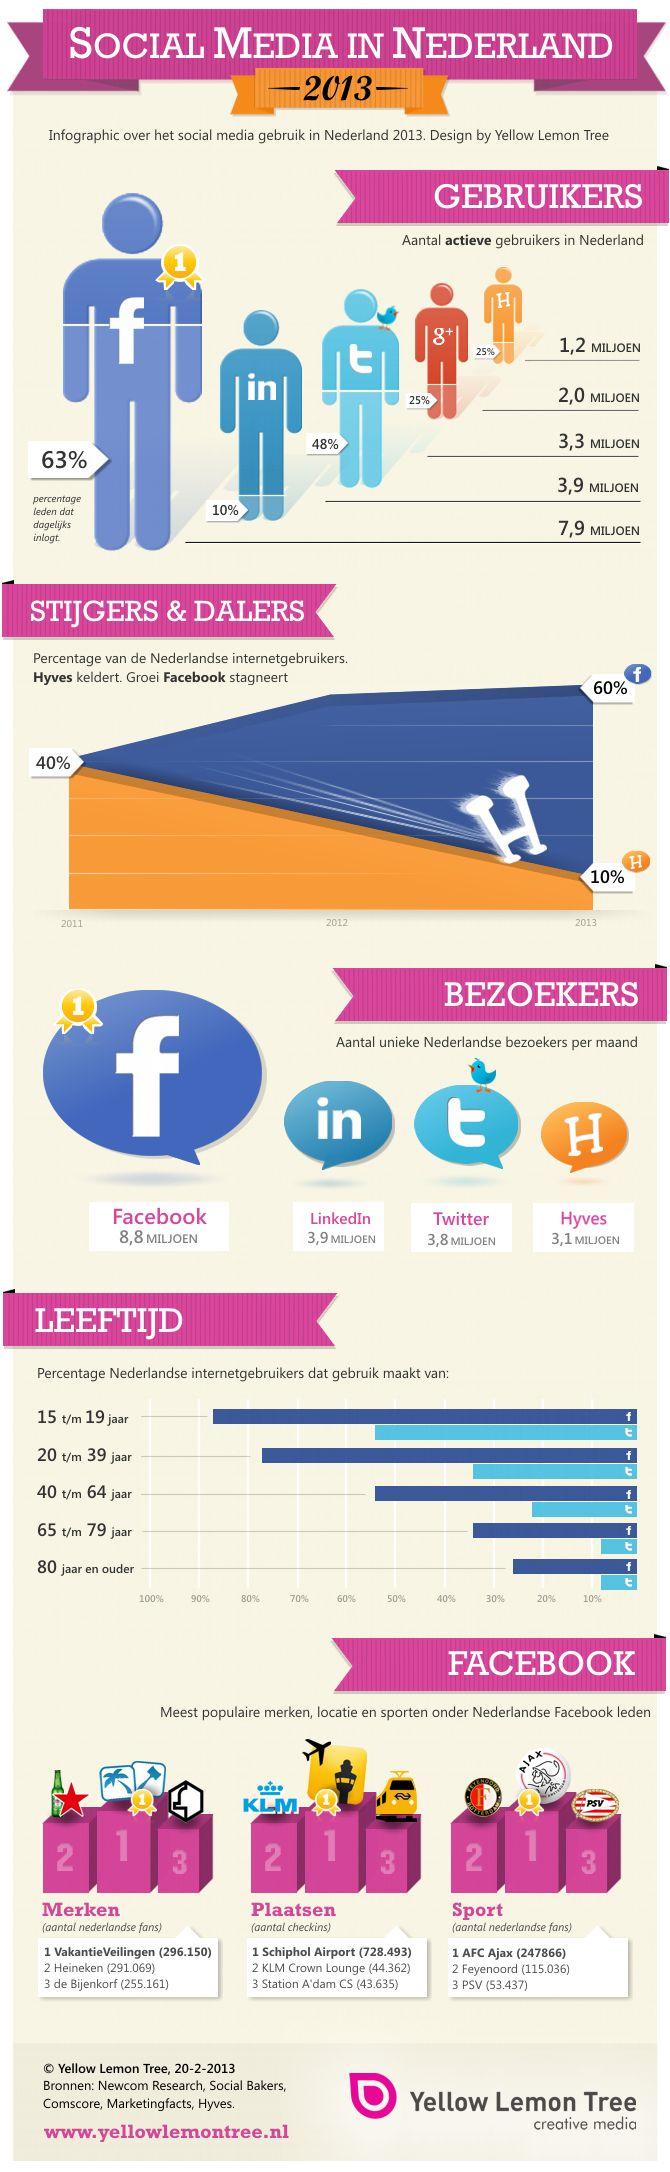 Social Media in Nederland 2013 [infographic] Slim om te lezen voor webwinkeliers die hun eigen marketing aanpakken!